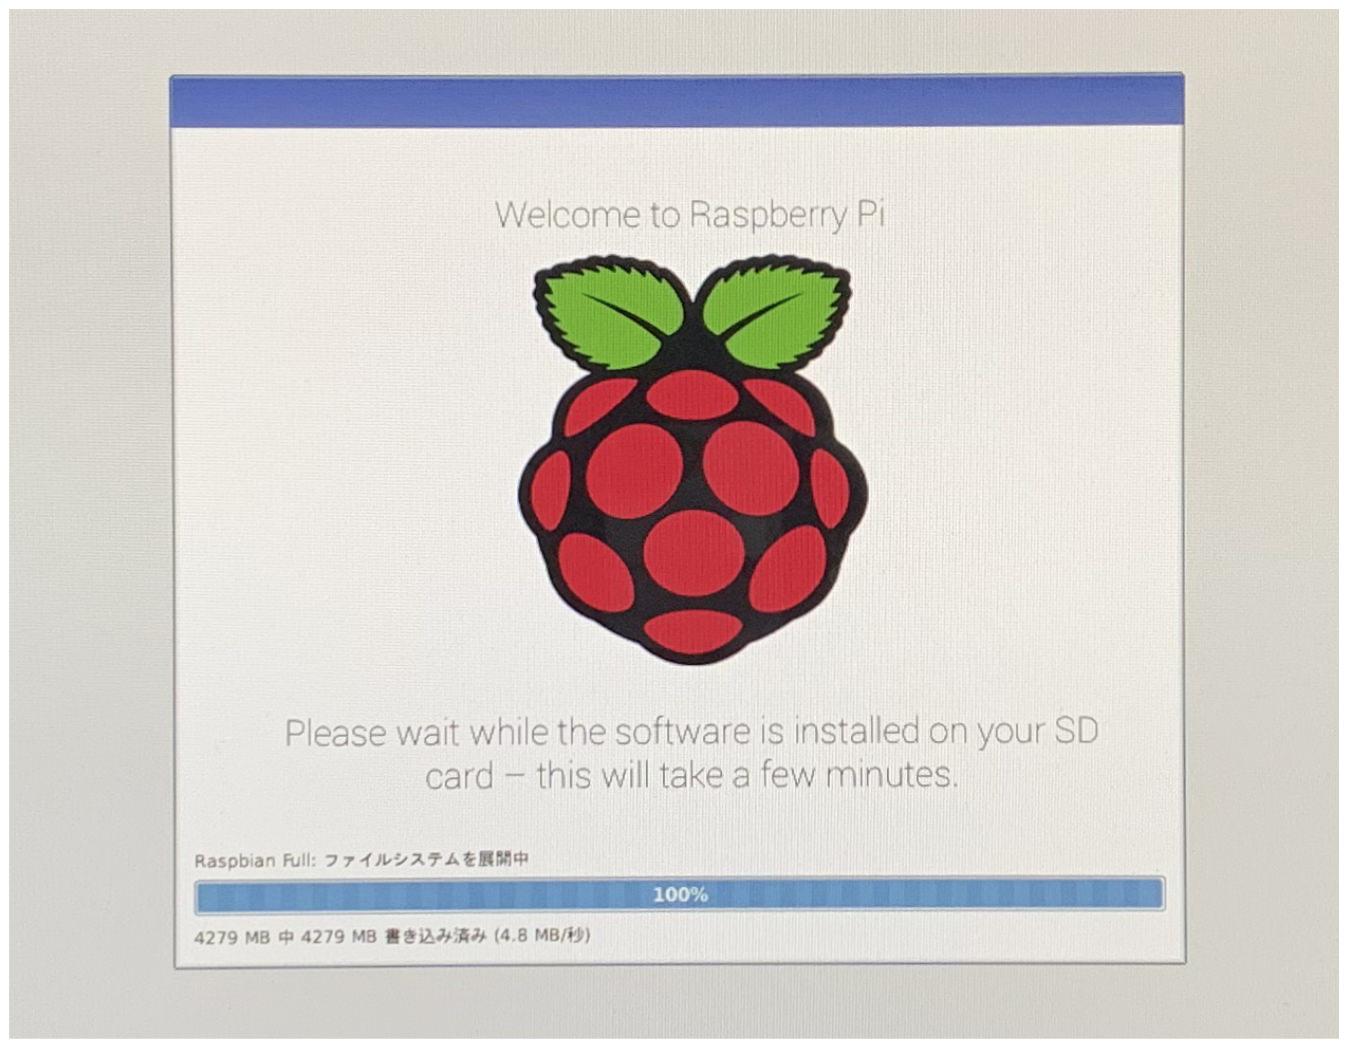 Raspbianインストールステップ7